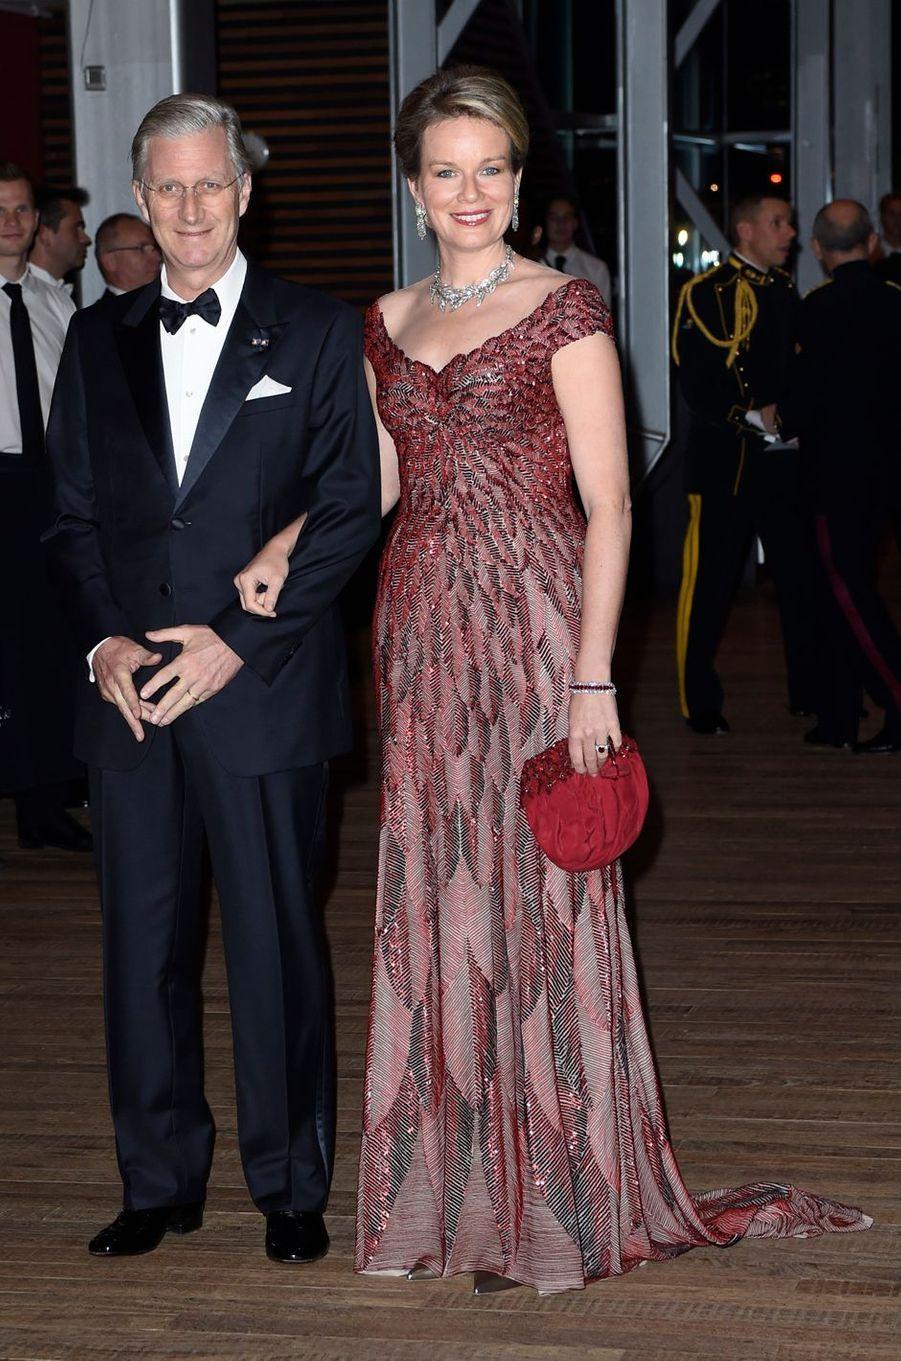 La reine Mathilde et le roi Philippe de Belgique à Amsterdam, le 29 novembre 2016